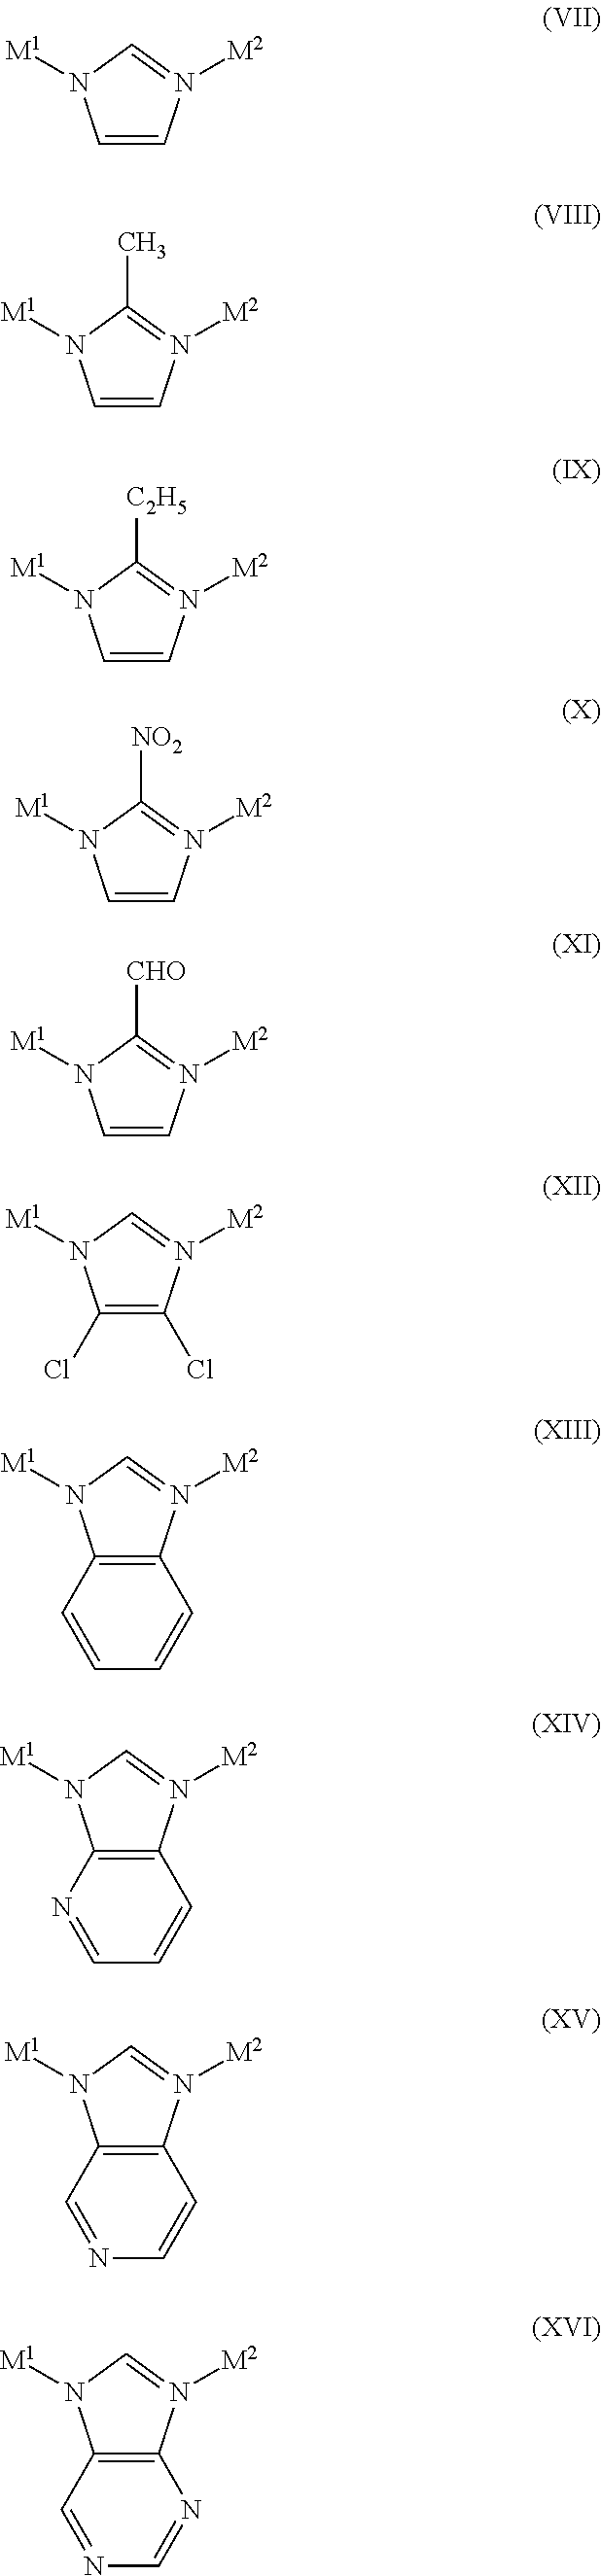 Figure US08920541-20141230-C00003